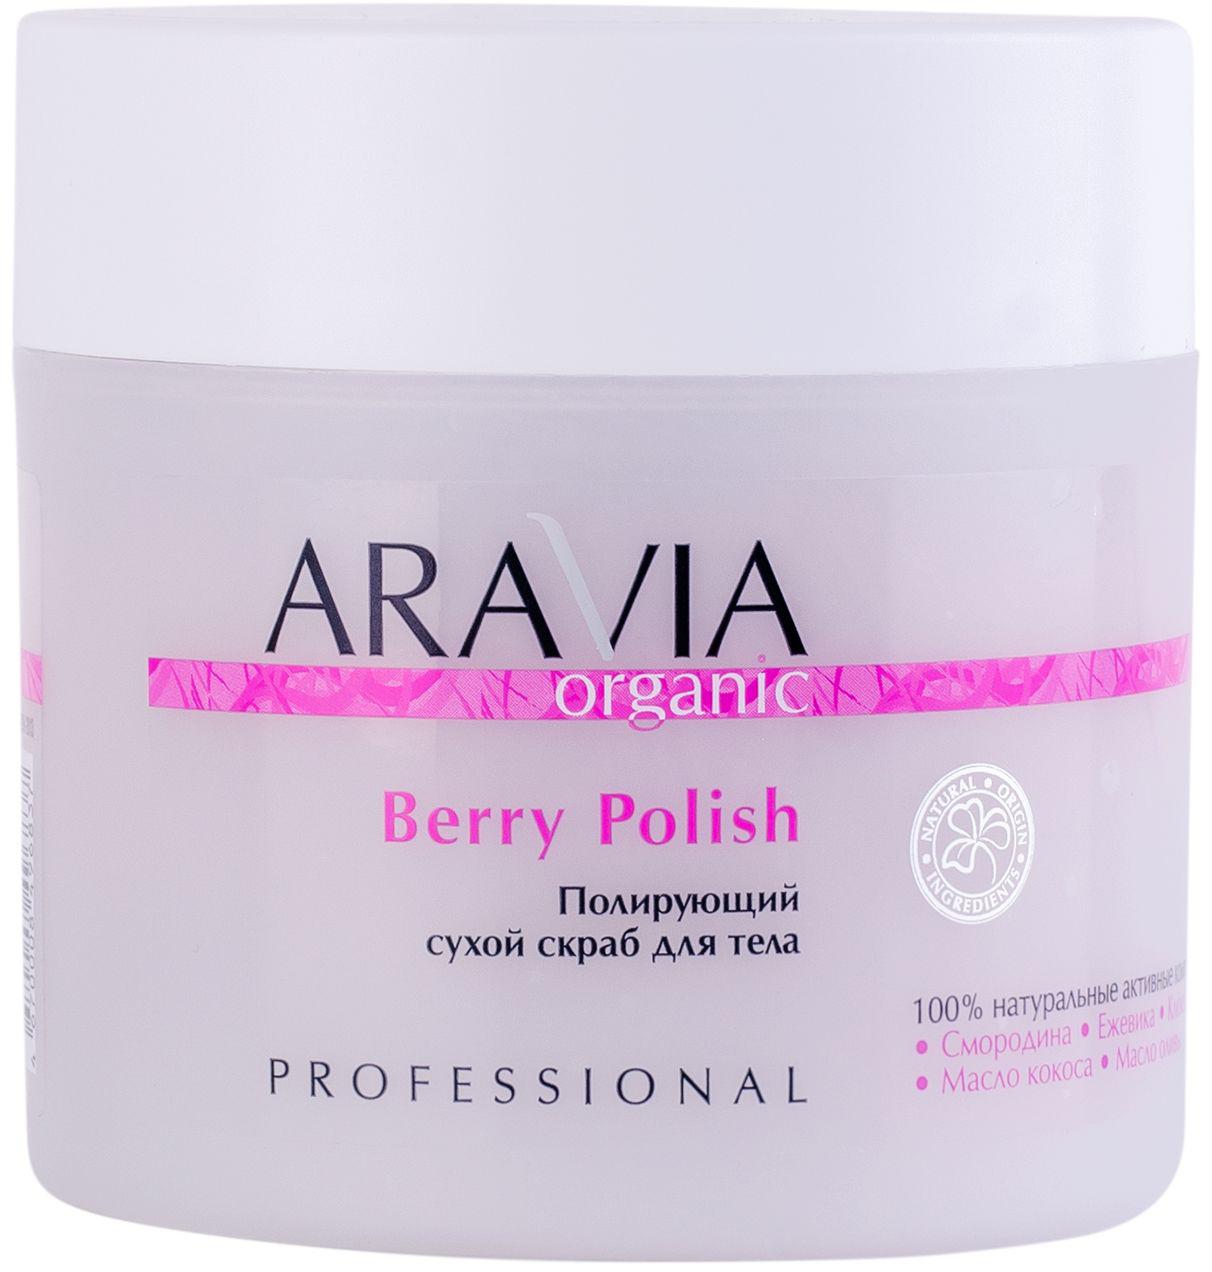 Купить Aravia Professional Полирующий сухой скраб для тела Berry Polish, 300 г (Aravia Professional, ARAVIA Organic), Россия